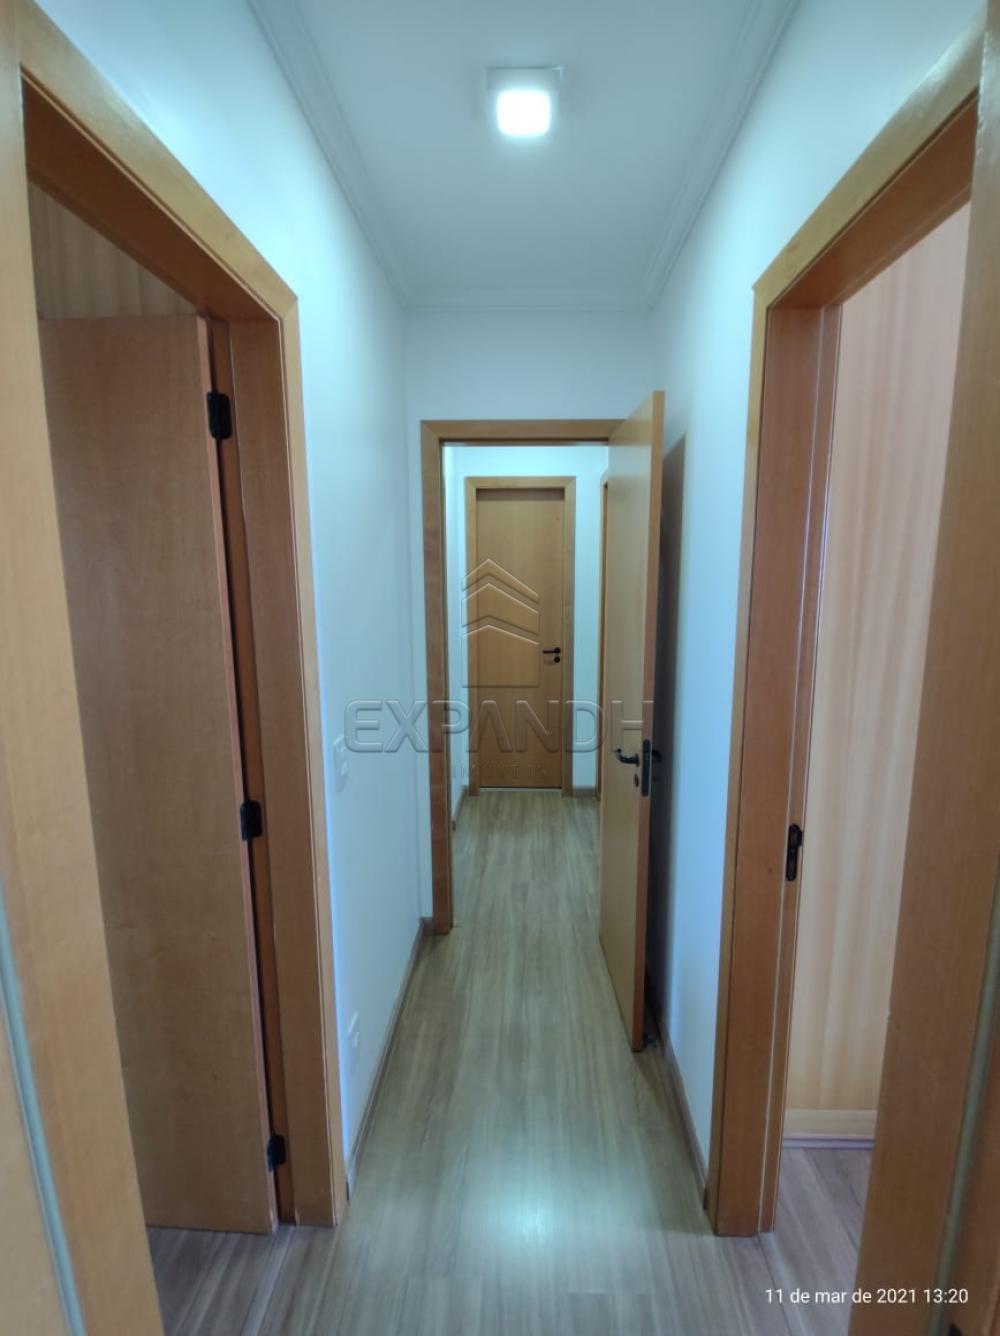 Comprar Apartamentos / Padrão em Sertãozinho R$ 590.000,00 - Foto 24